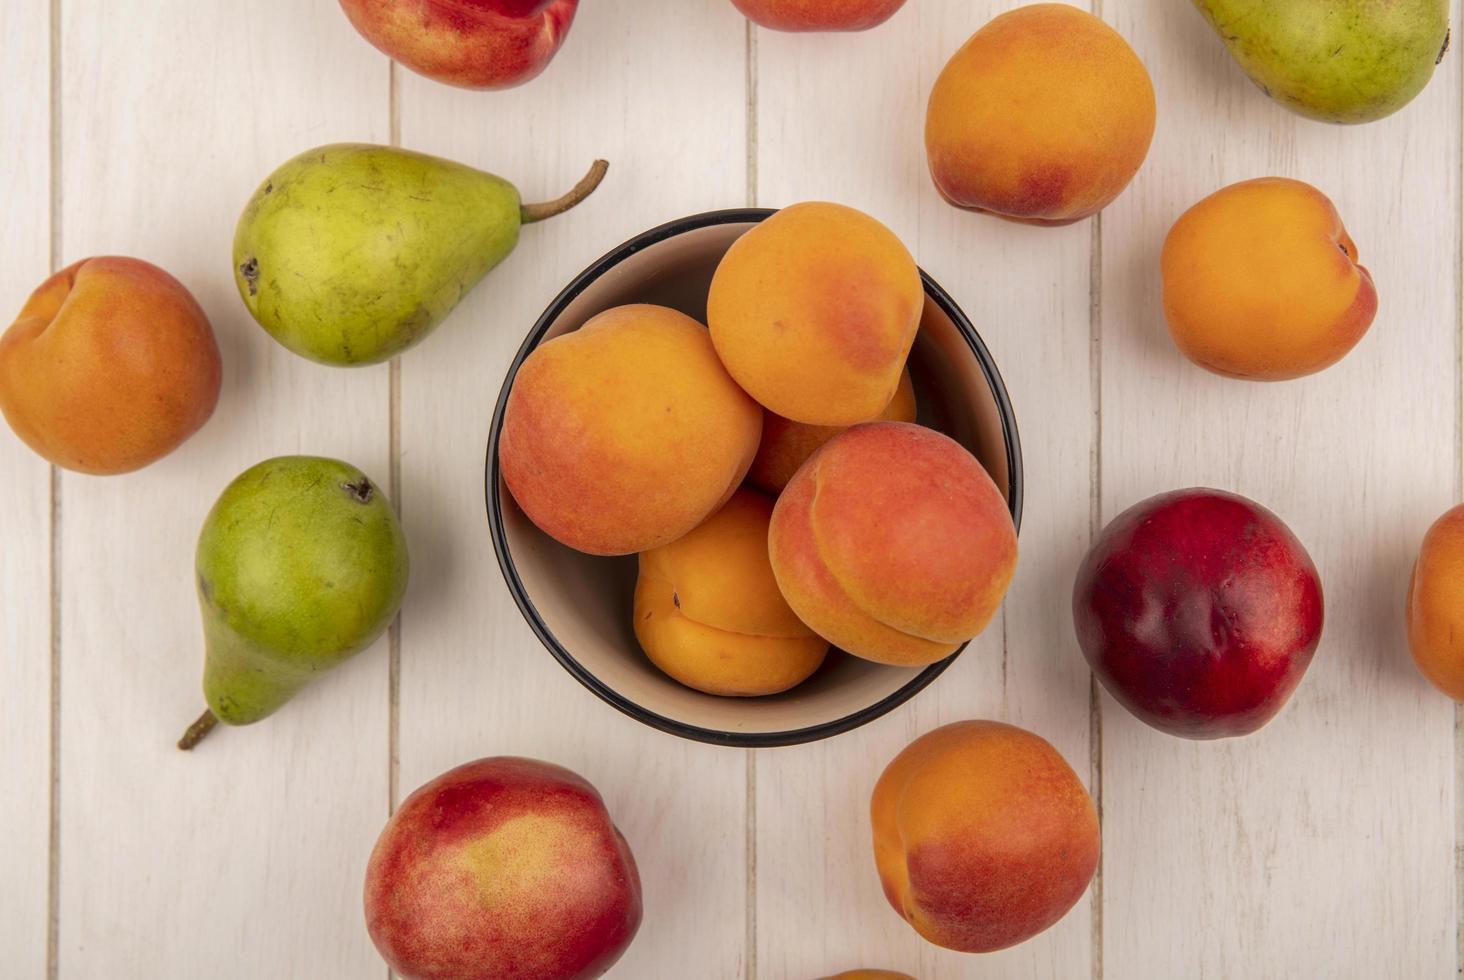 fotografia di cibo piatto laici di frutta fresca su sfondo neutro foto